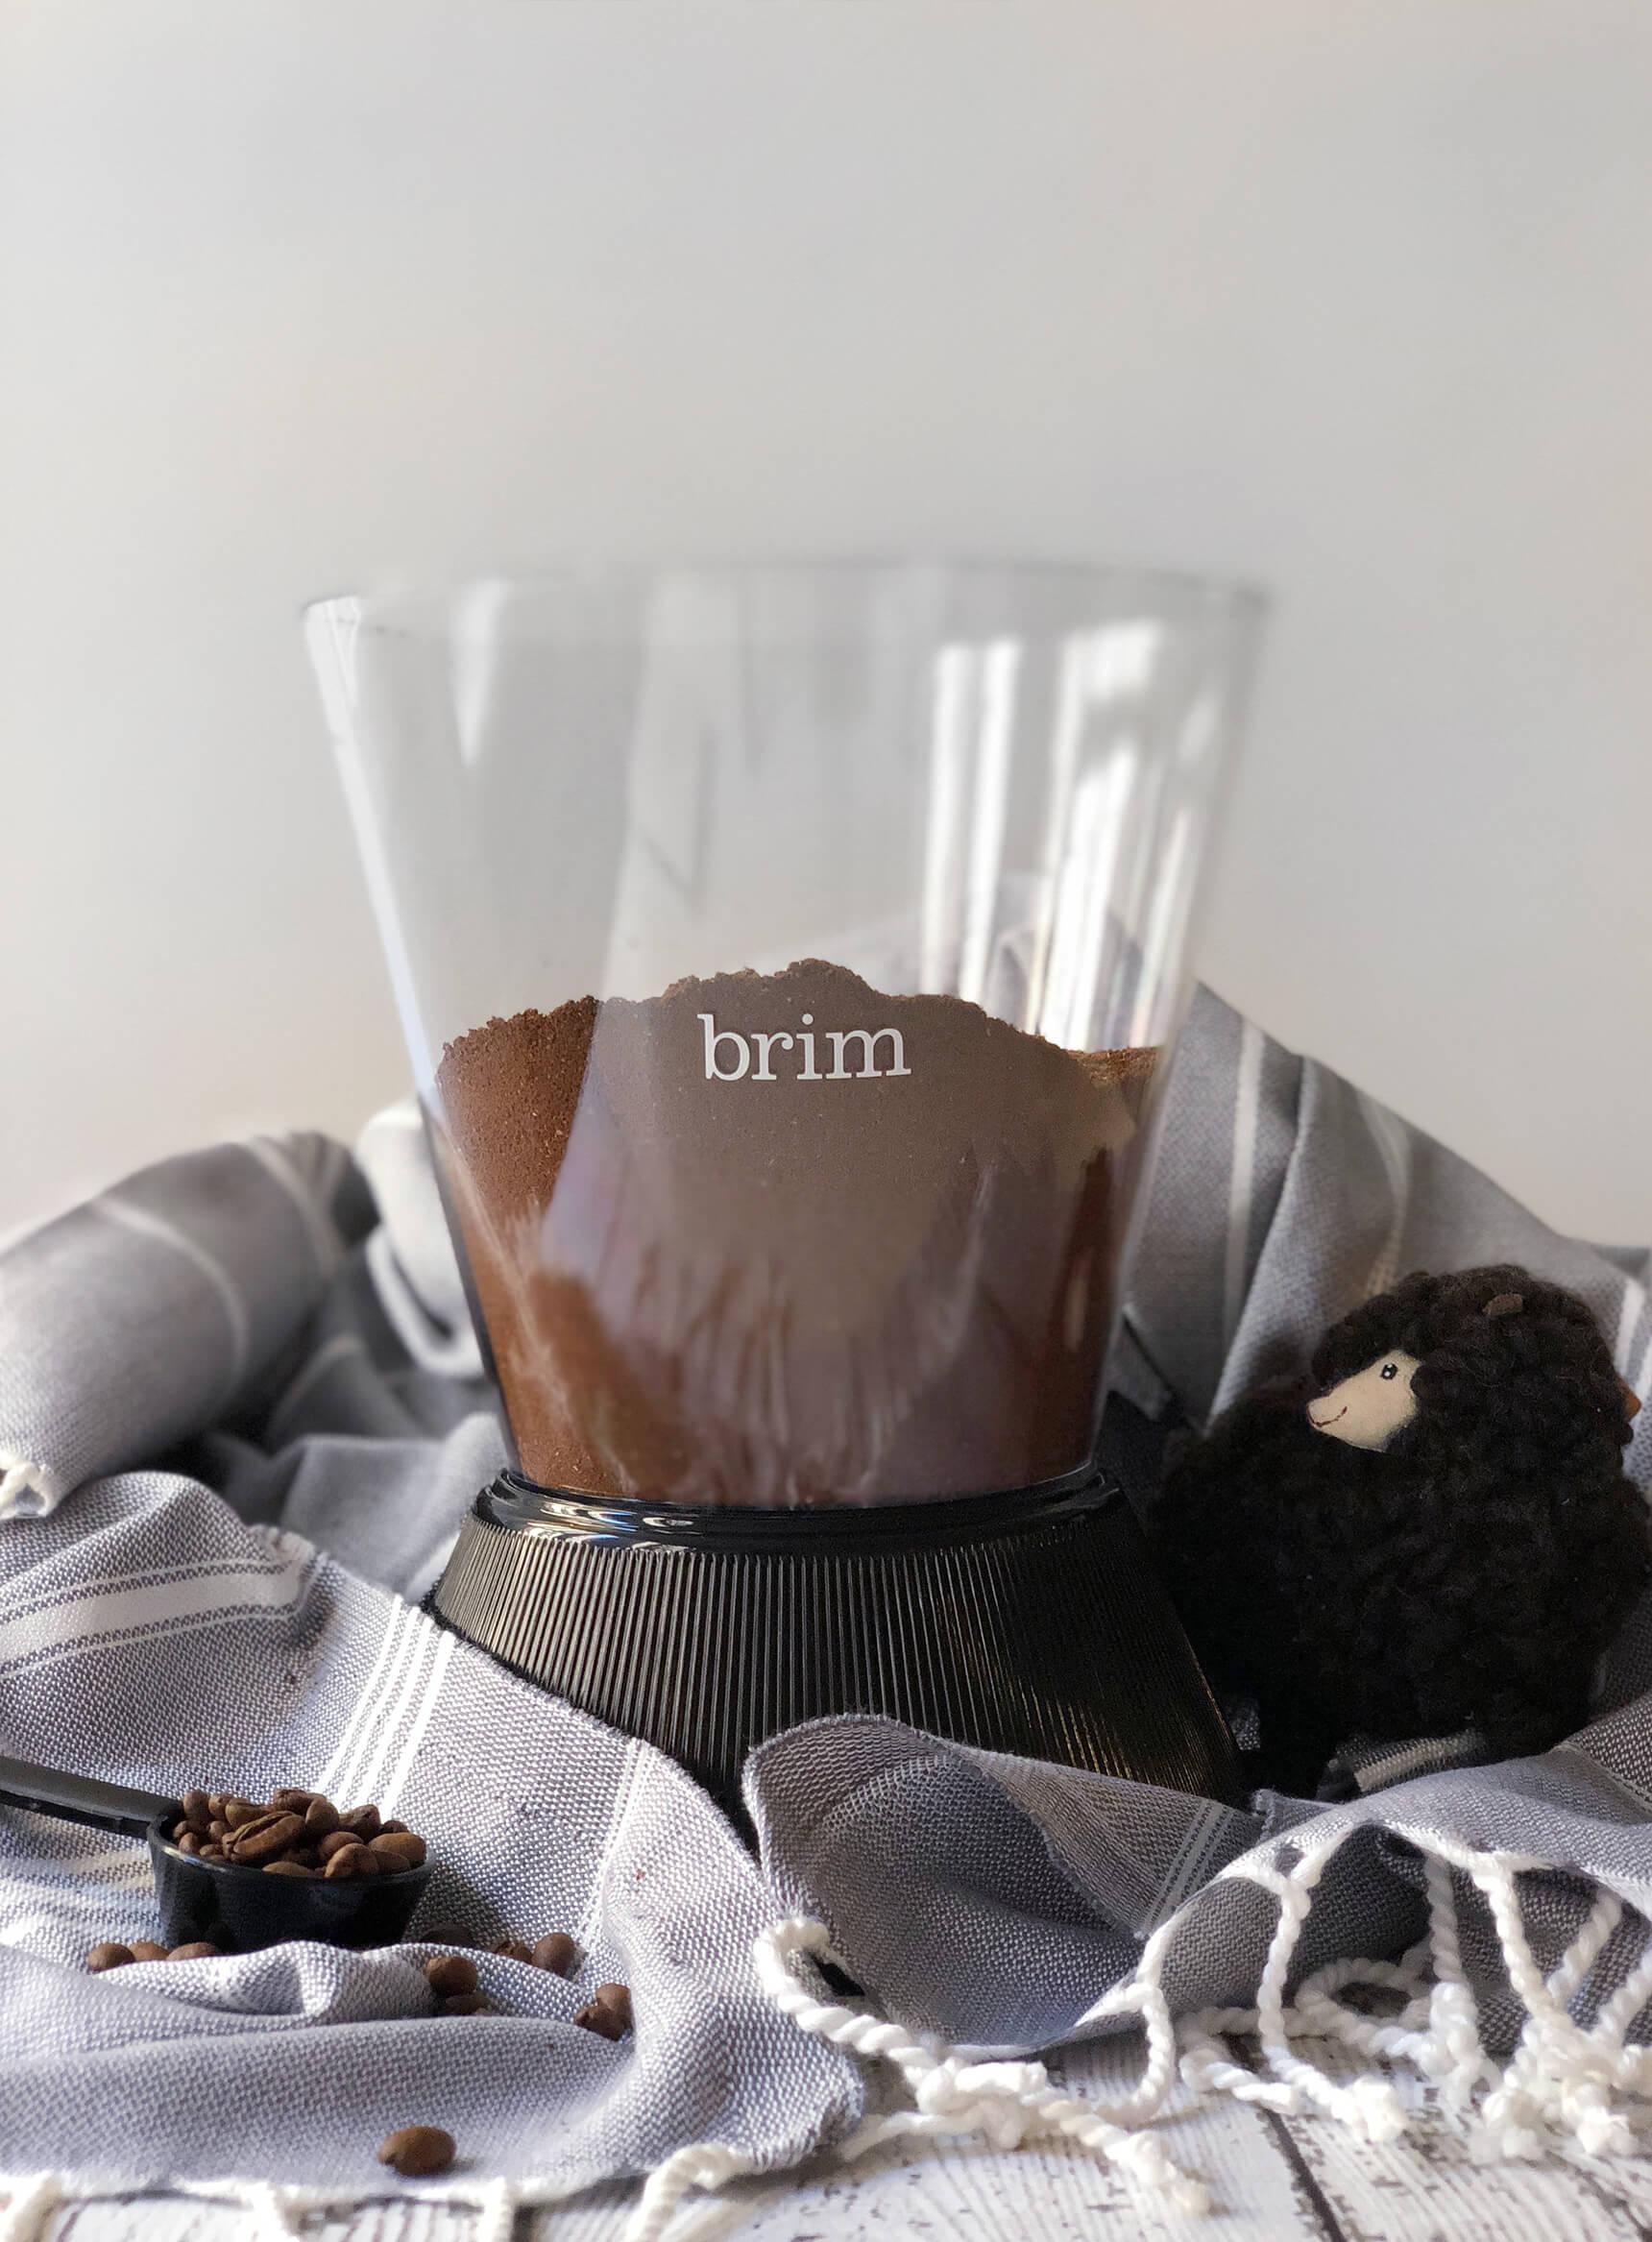 Brim Smart Valve Cold Brew Coffee Maker